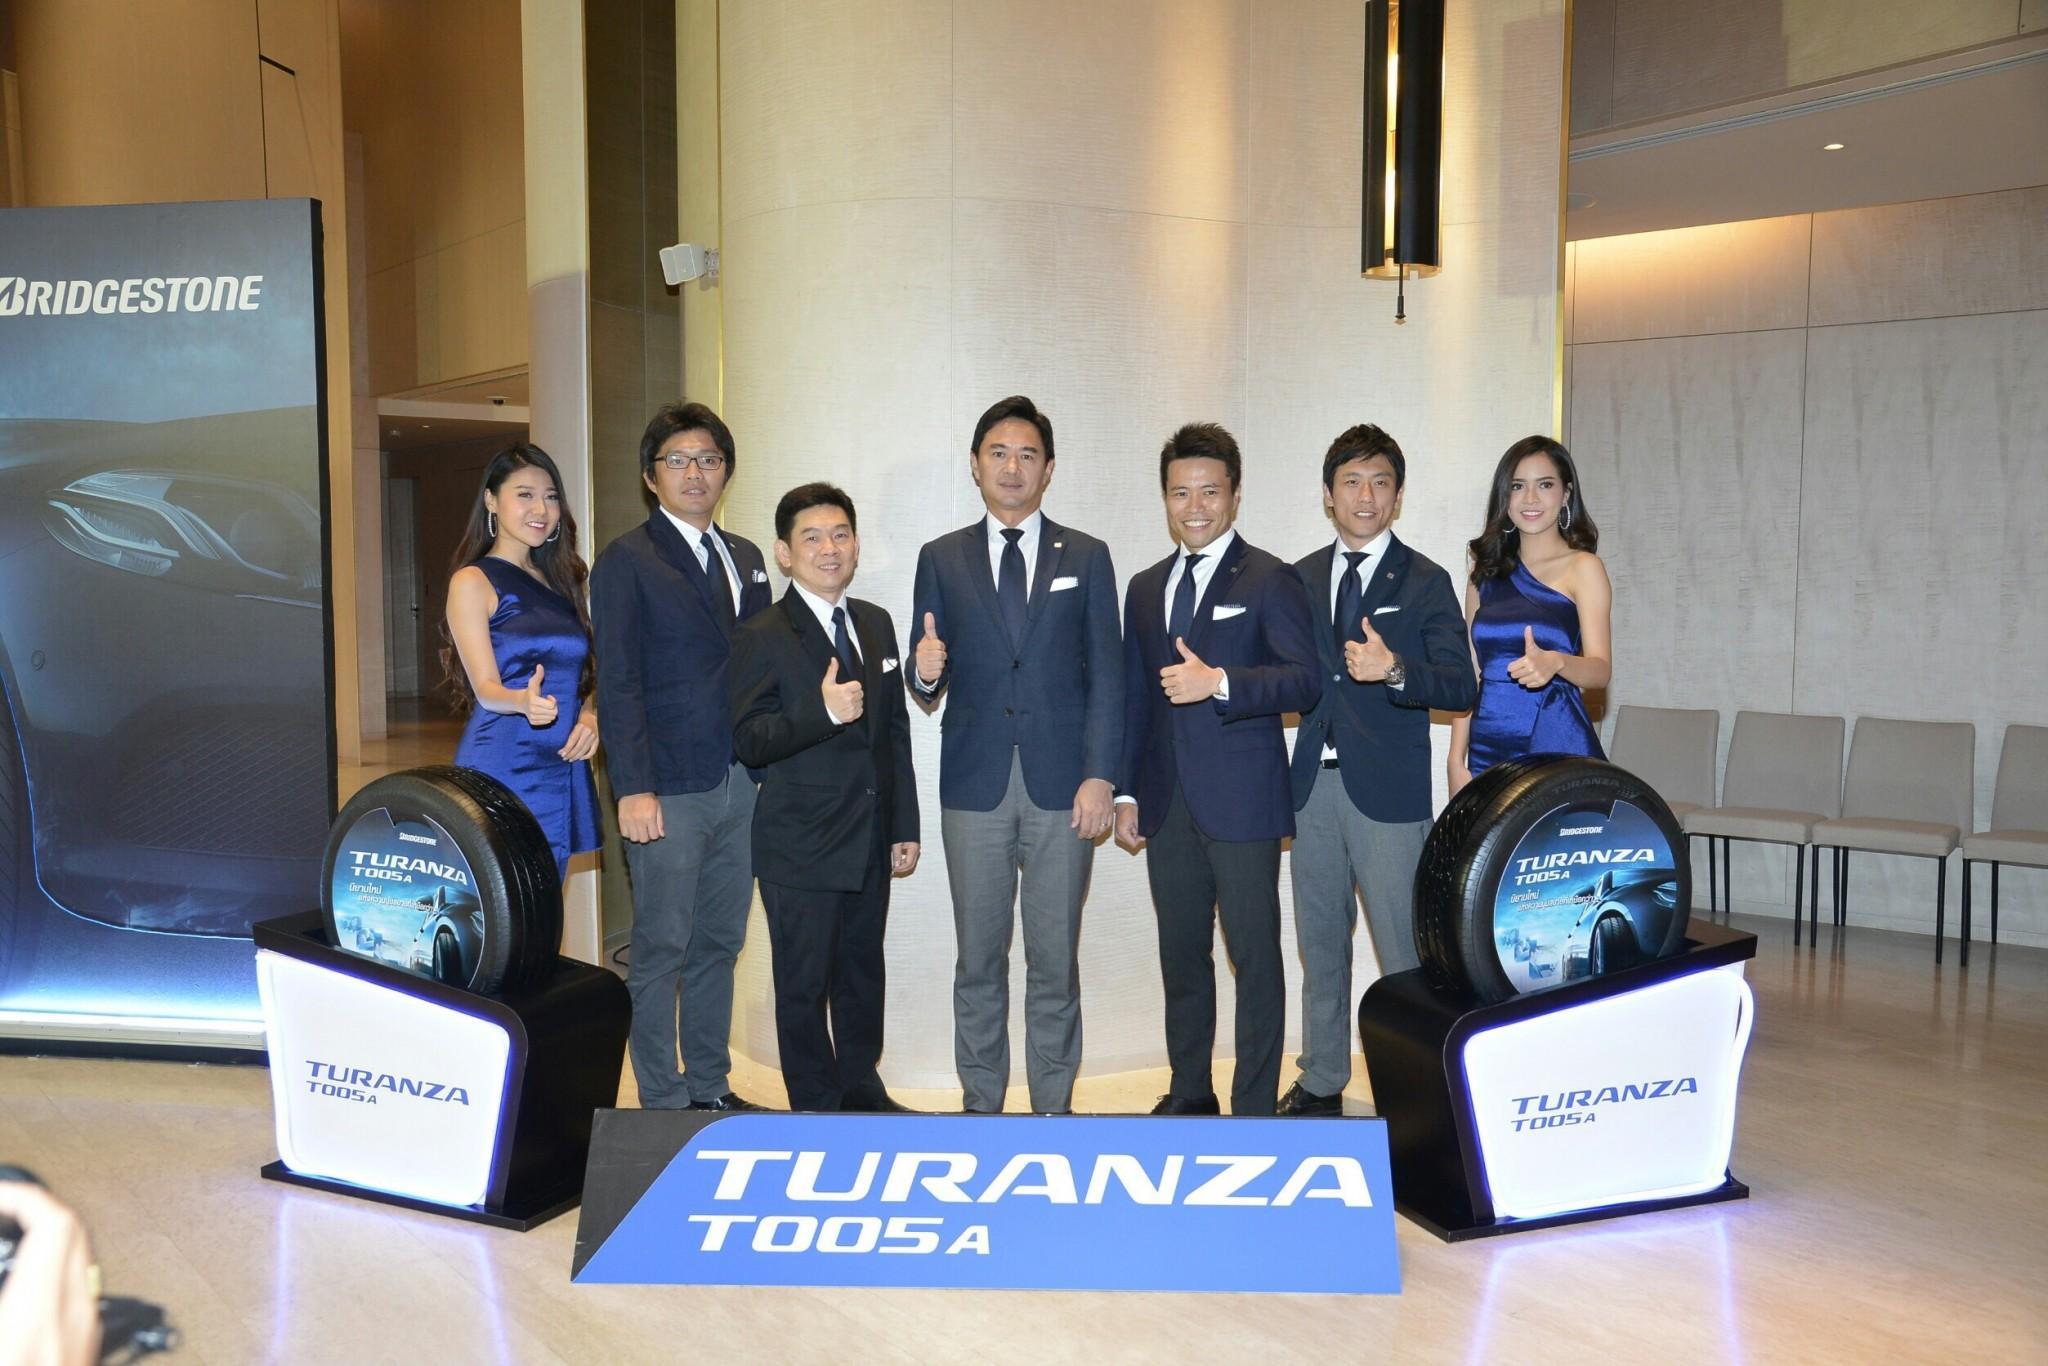 Bridgestone презентует новые шины Turanza T005A на рынках стран Юго-Восточной Азии